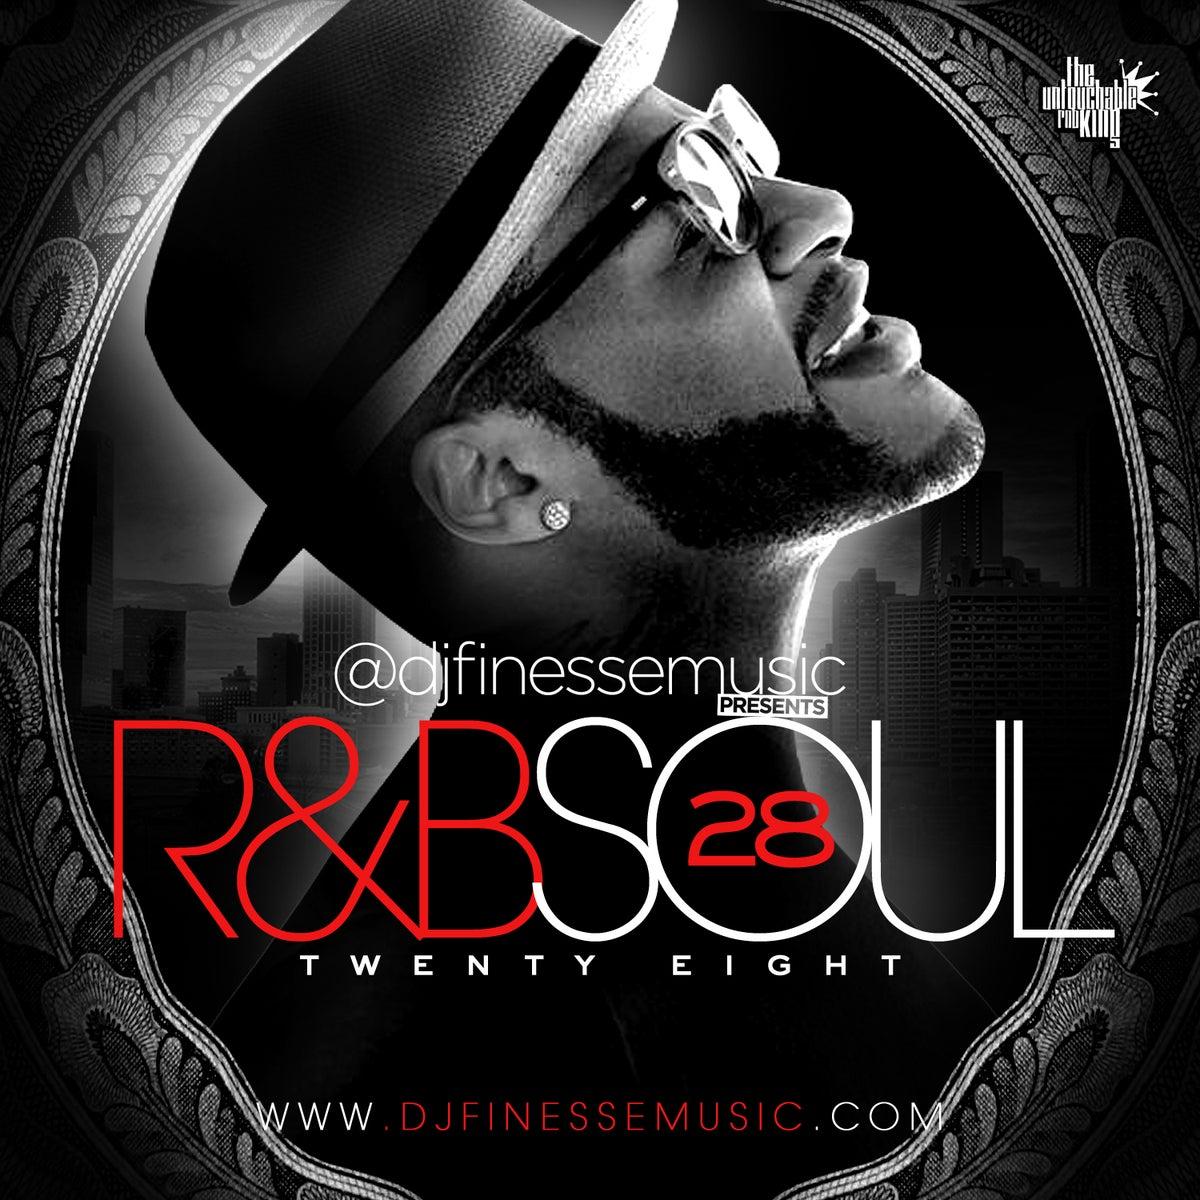 DJTYBOOGIE PRESS PLAY THE MIXTAPE (HipHop R&b Blends) by DJTYBOOGIE